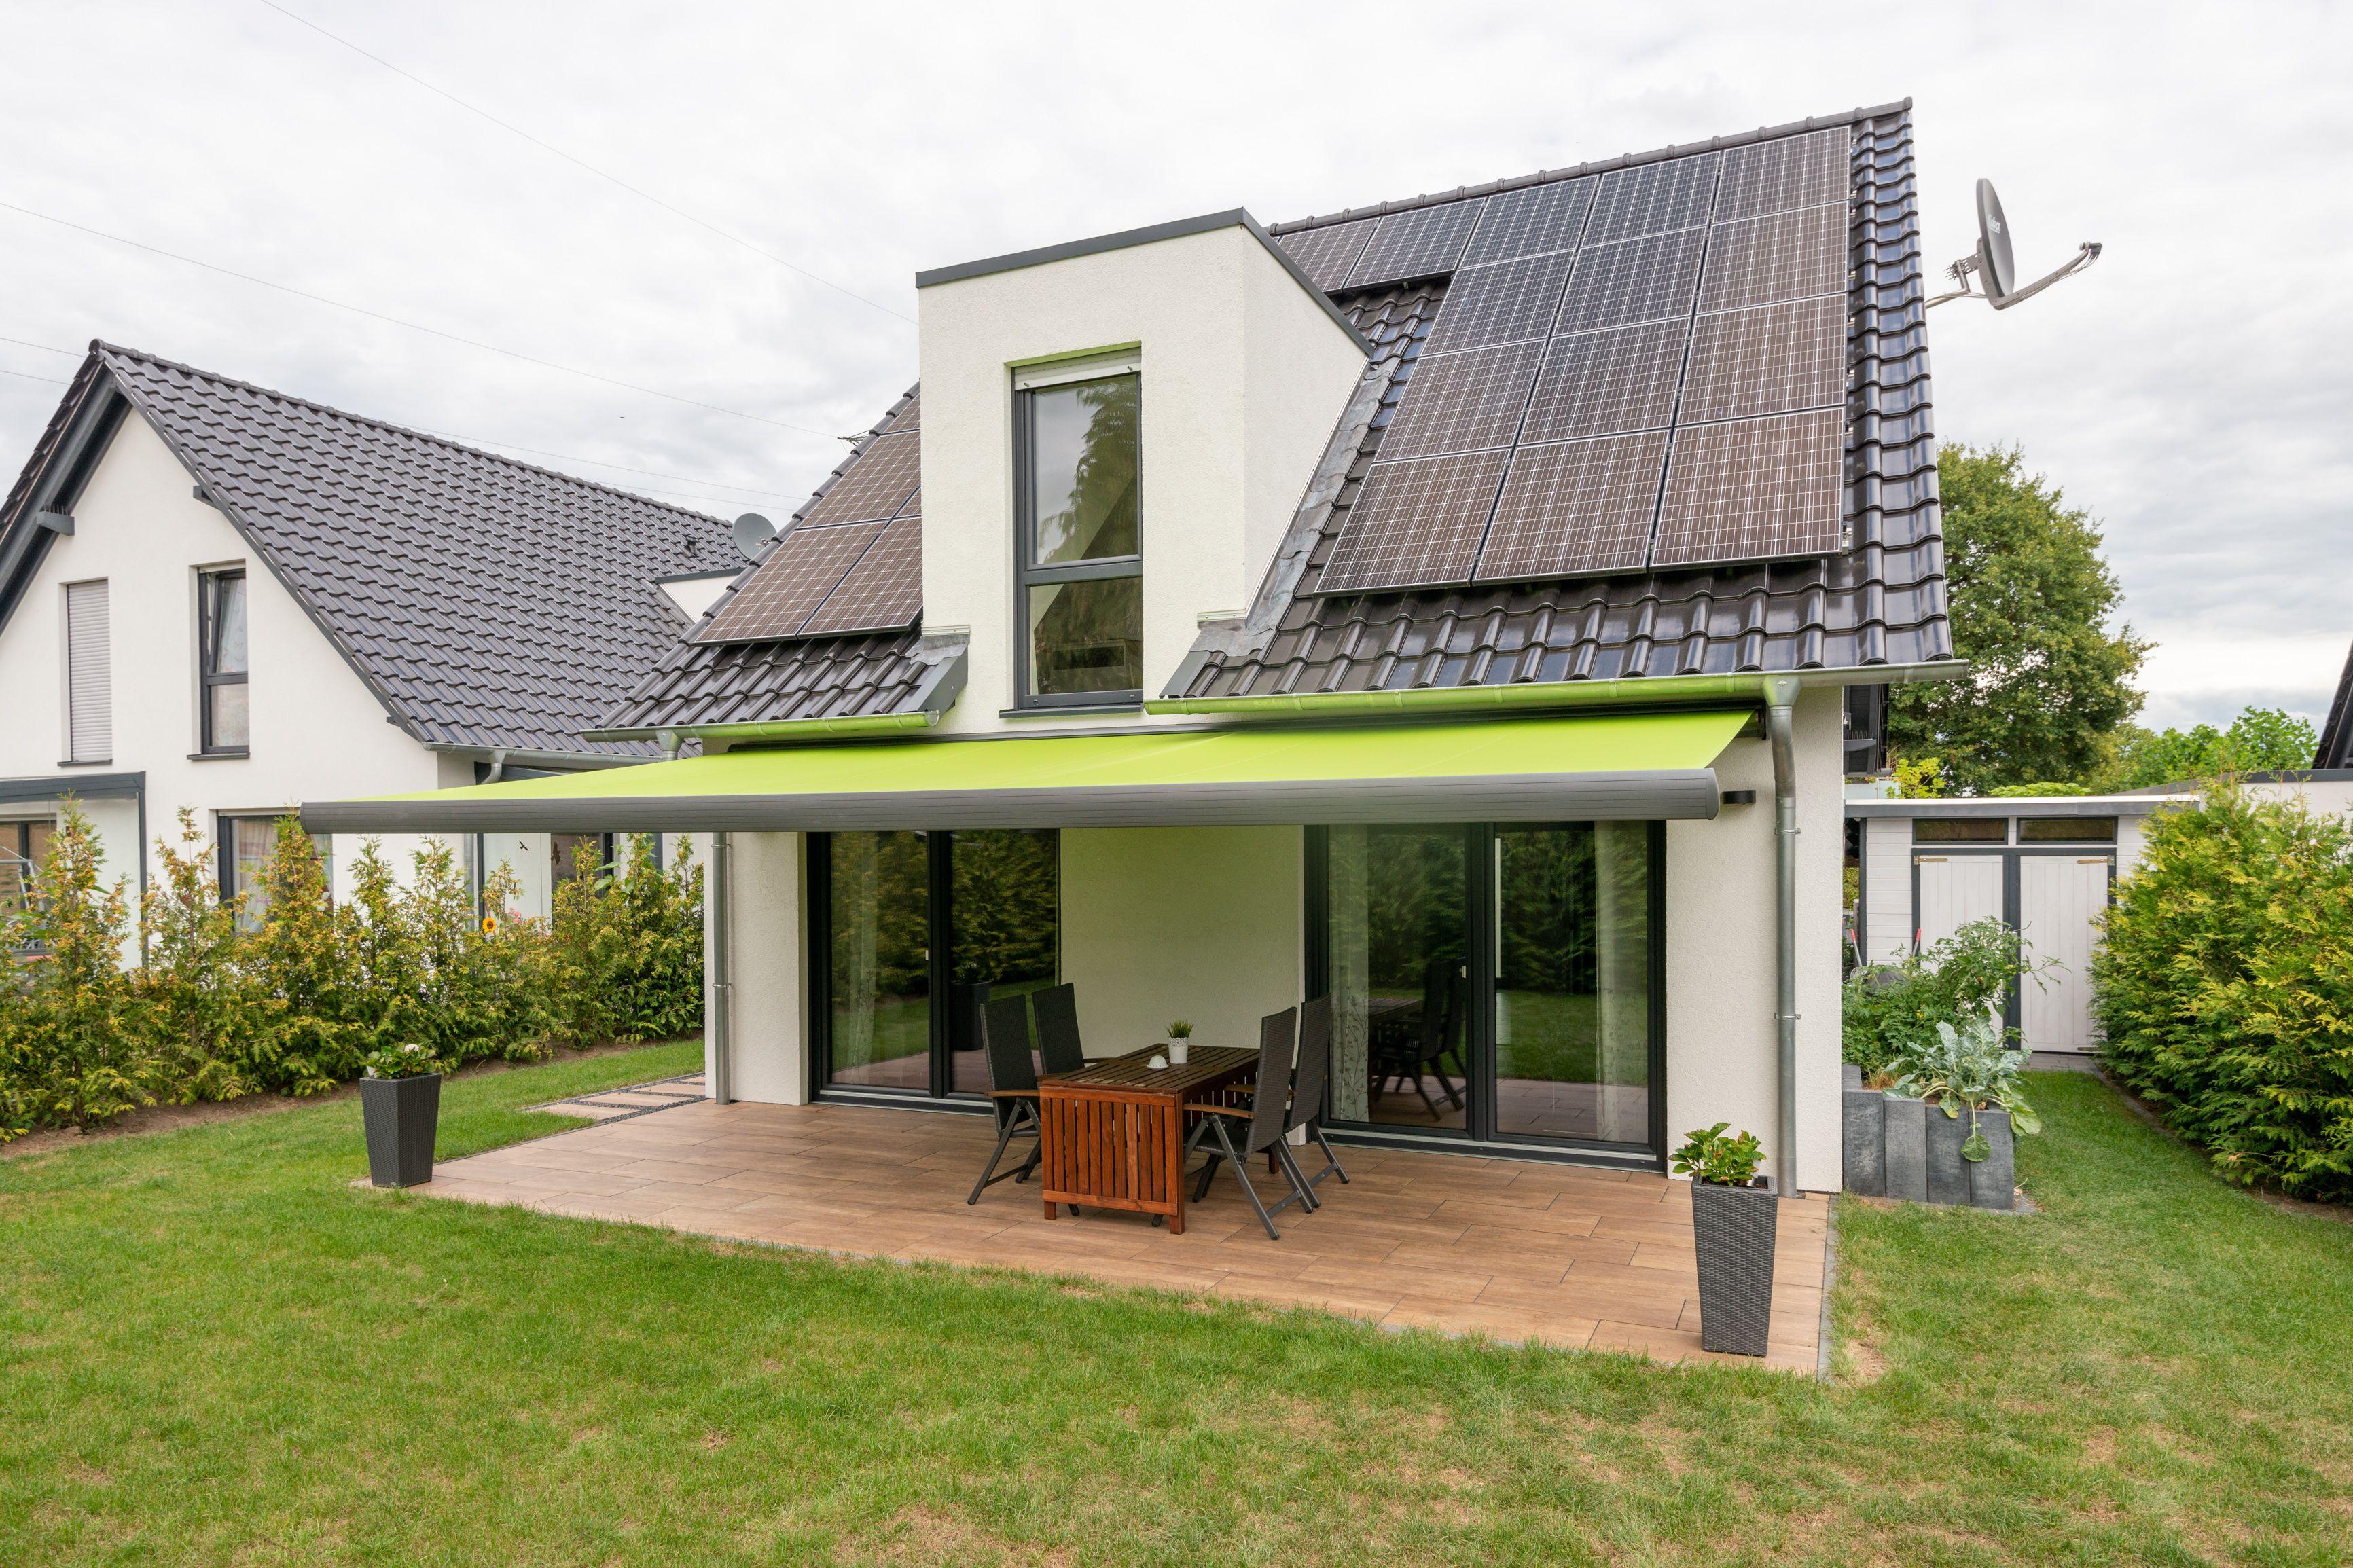 Modernes haus mit ma gefertigter markise f r die terrasse for Modernes haus terrasse